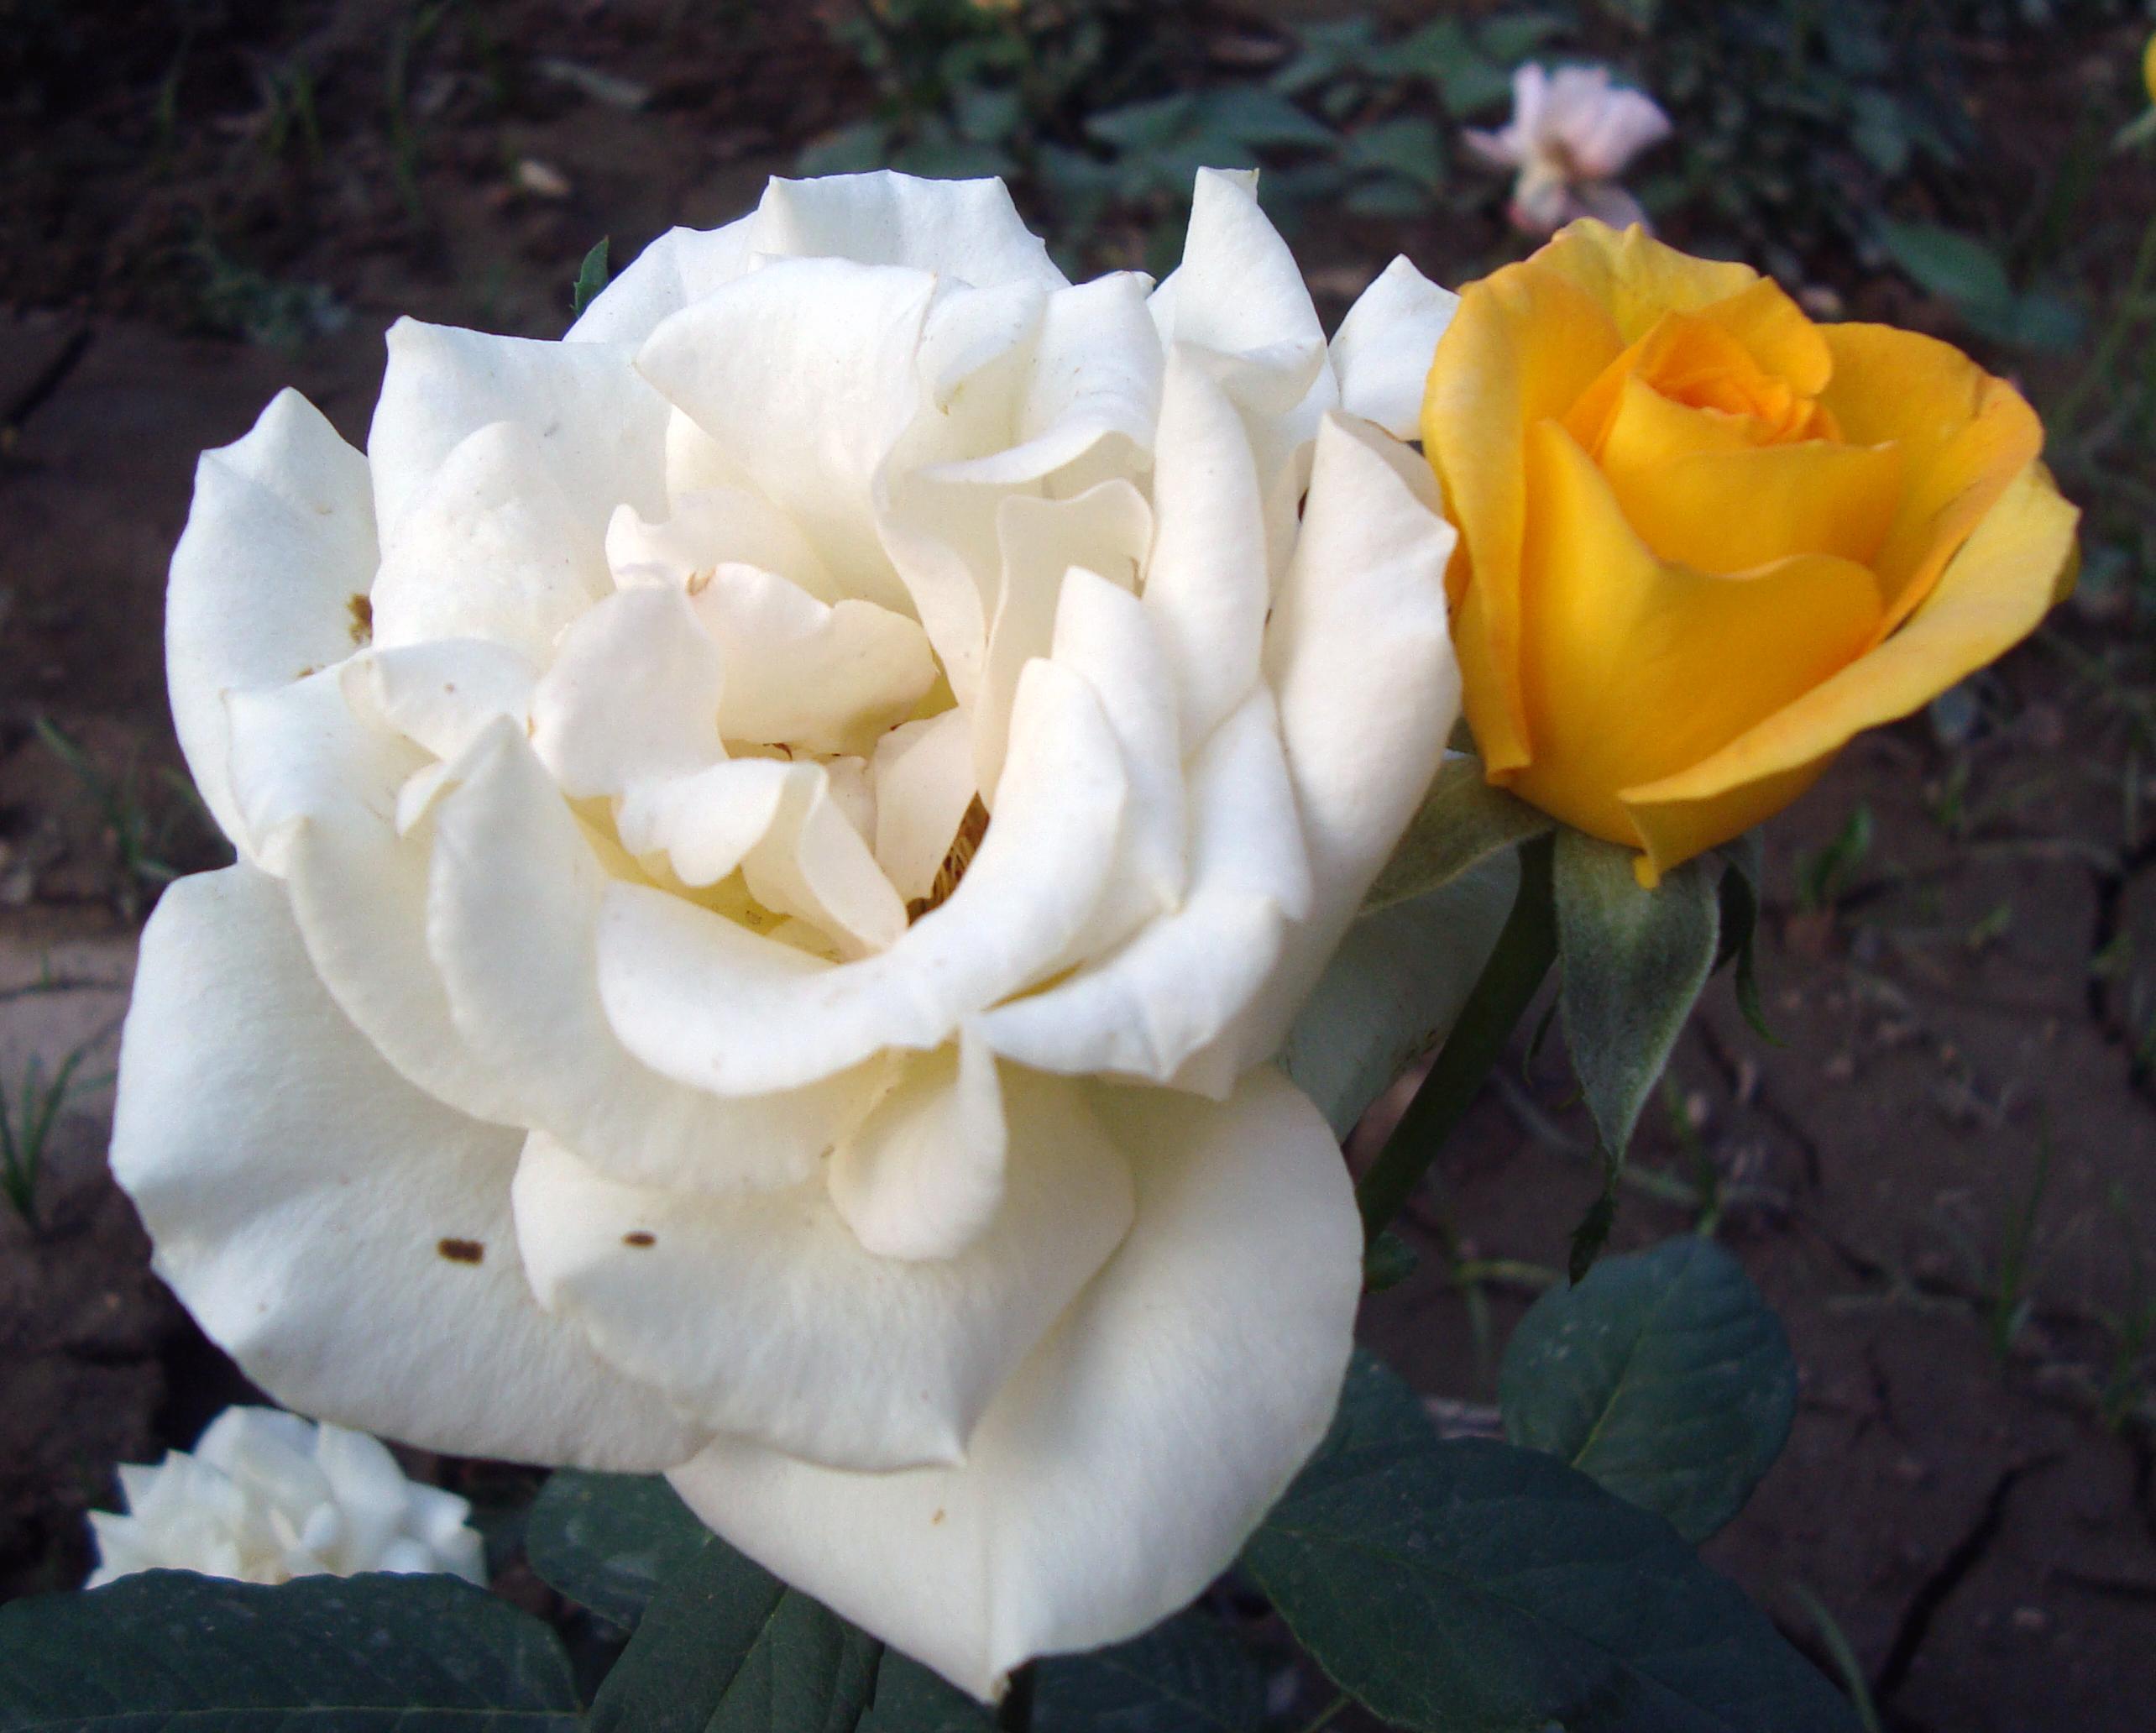 Rose by hiaamir